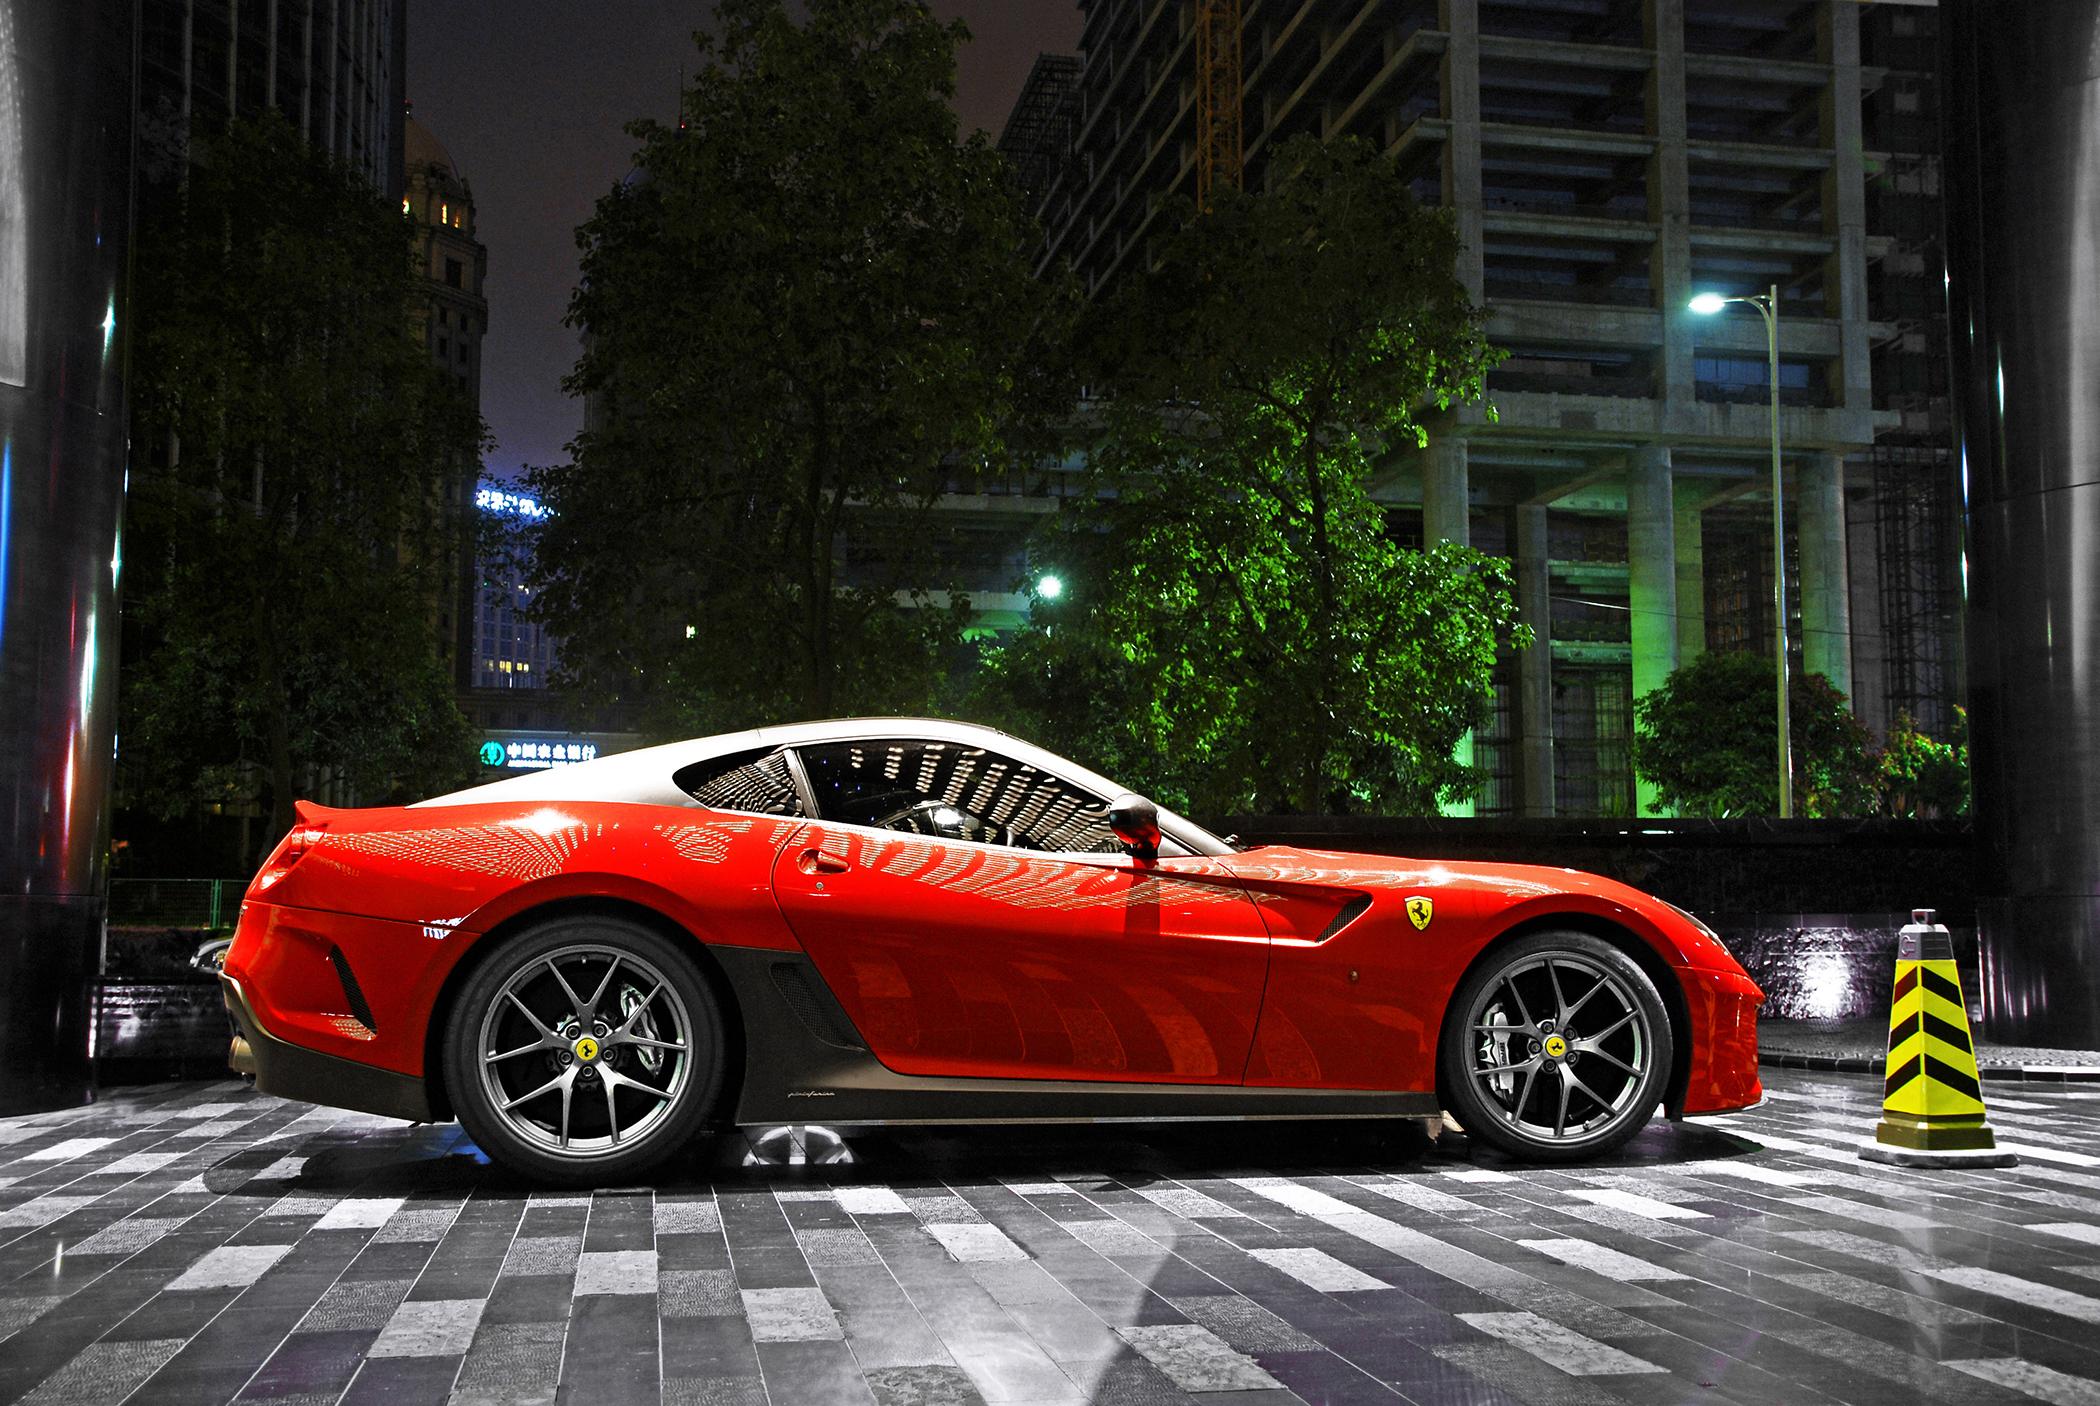 153626 télécharger le fond d'écran Ferrari, Voitures, Nuit, Ville, Imeuble, Bâtiment, Briller, Lumière, Parking, Gto, Supercar, 599 - économiseurs d'écran et images gratuitement